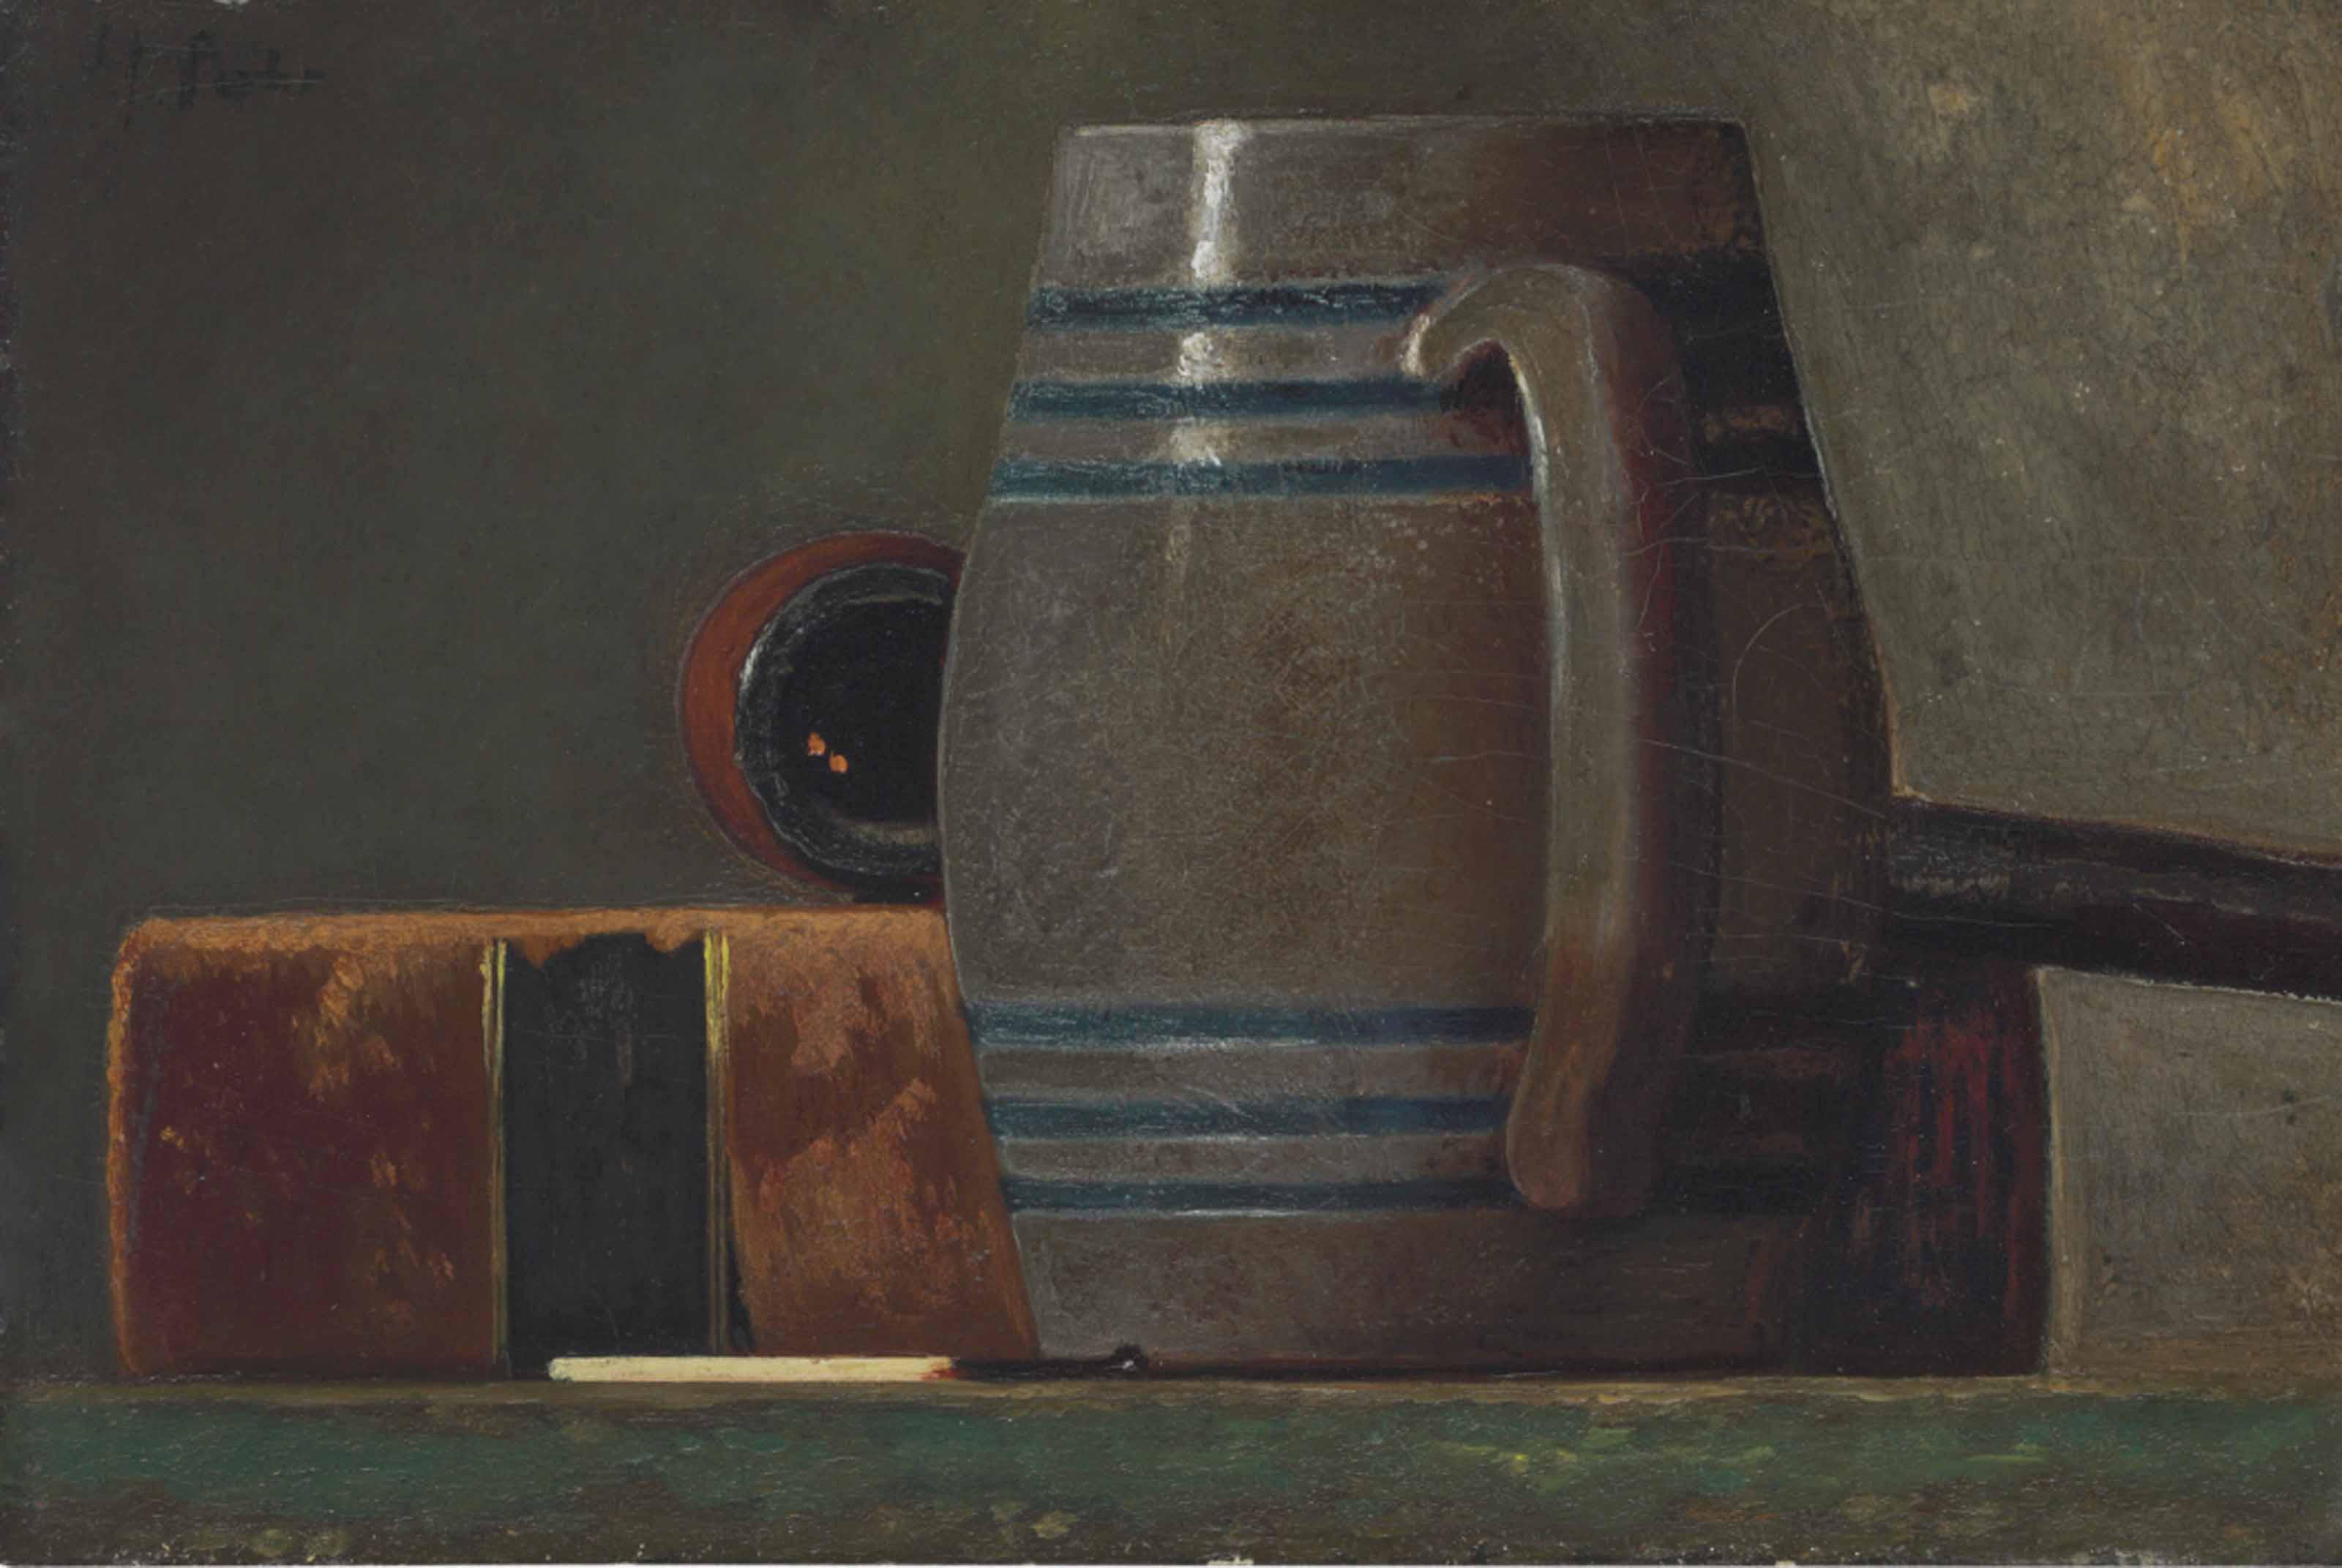 Salt-Glazed Mug, Book, Pipe and Match